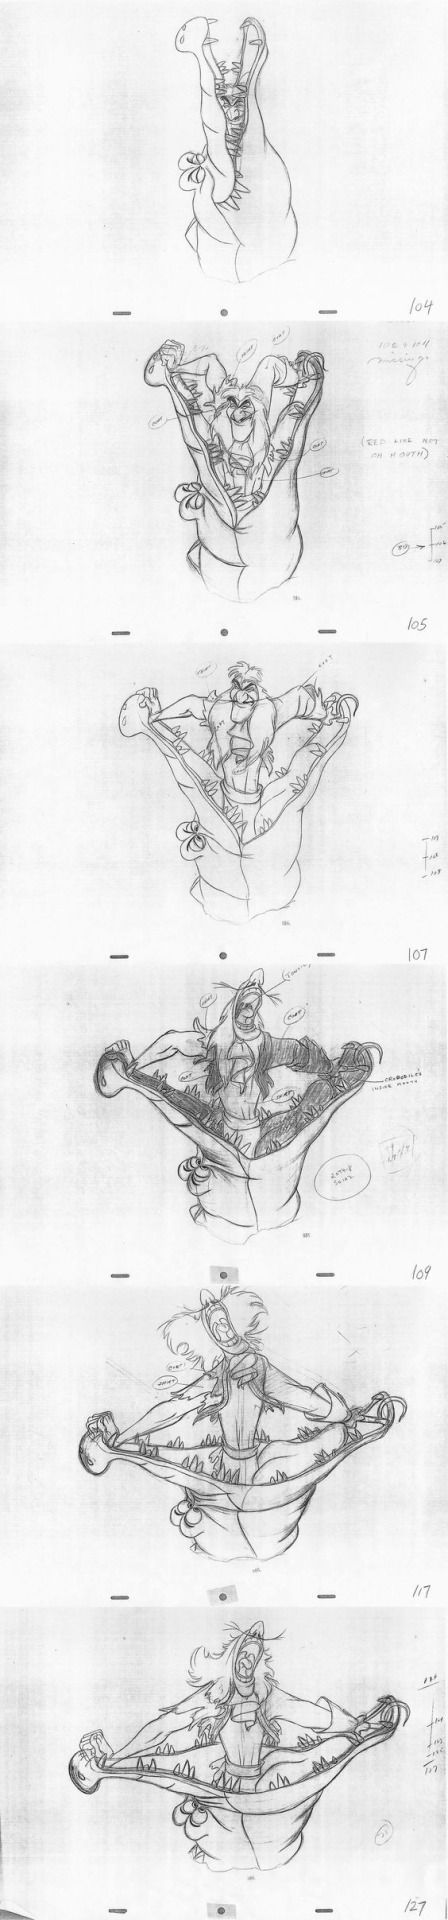 Animator: Woolie Reitherman Character: Captain Hook Film: Peter Pan (1953) Studio: Walt Disney Pictures